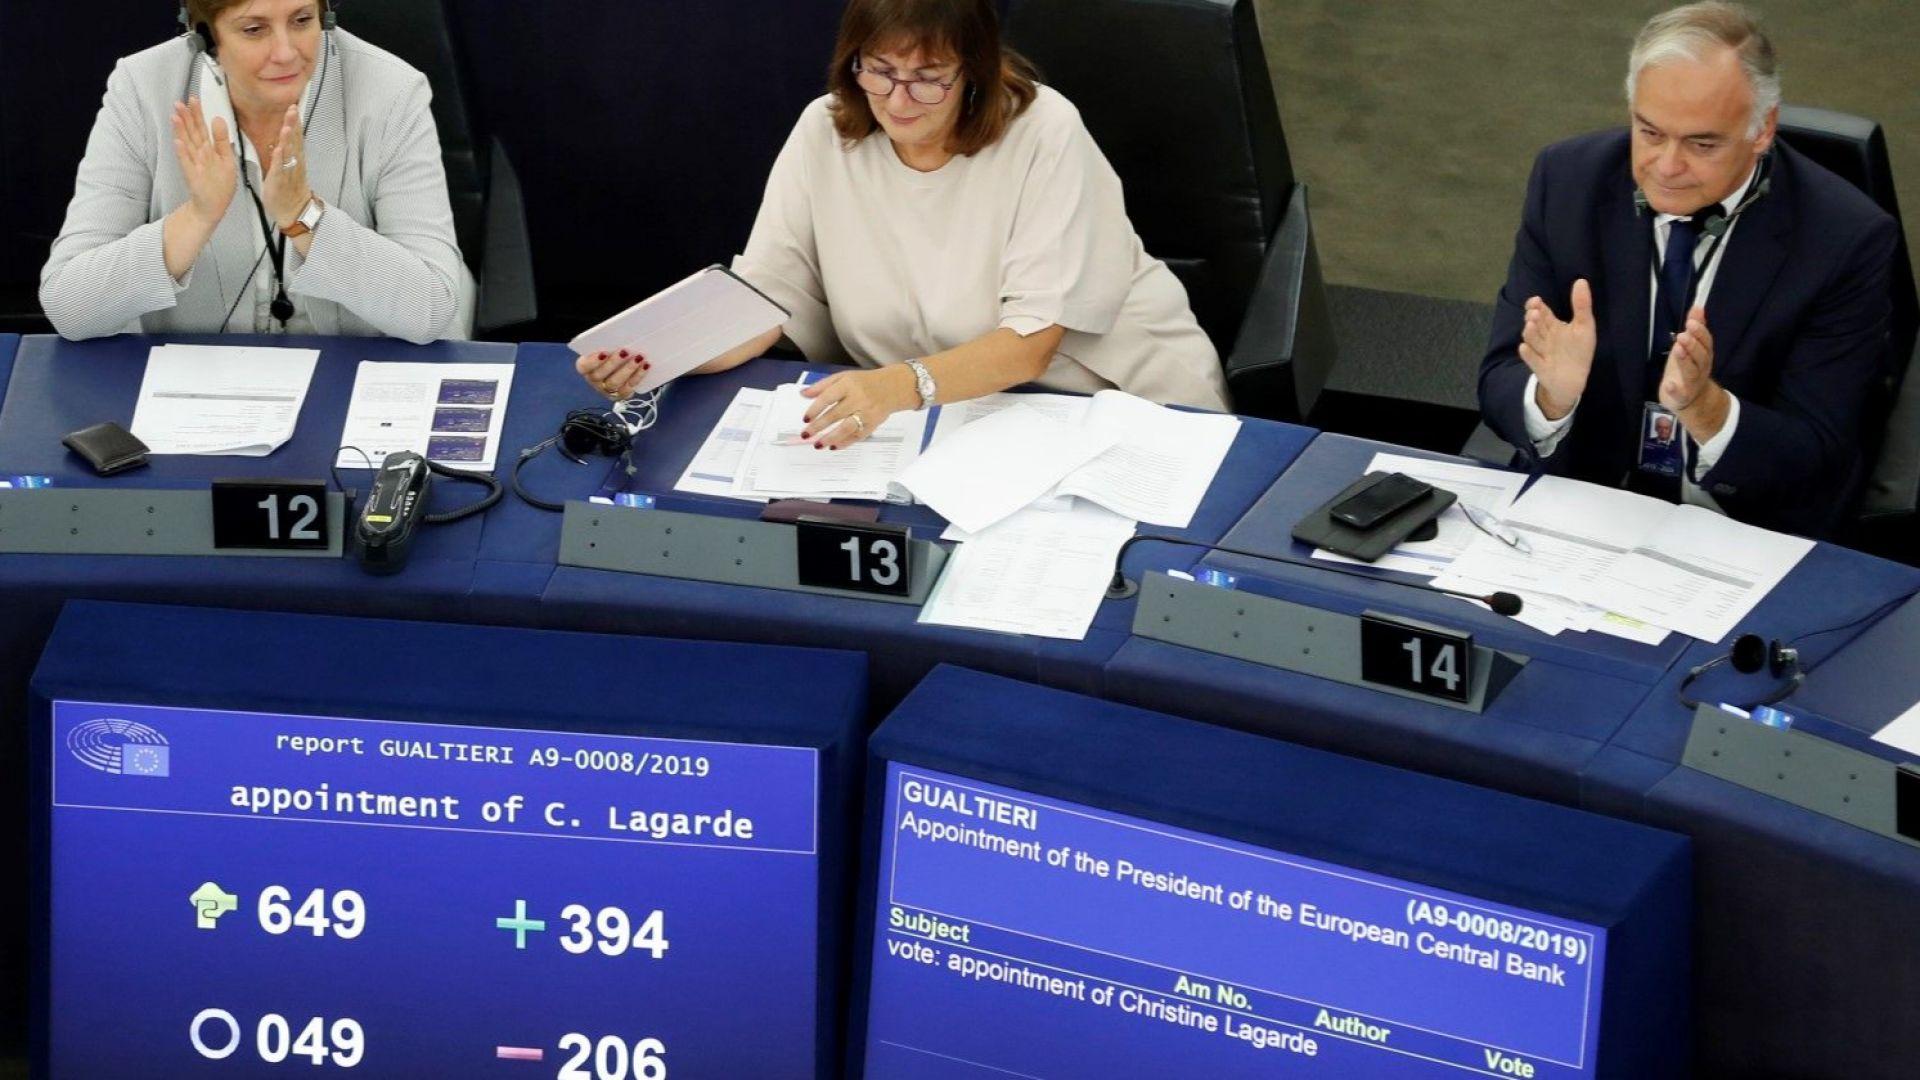 Европарламентът подкрепи Кристин Лагард за президент на ЕЦБ